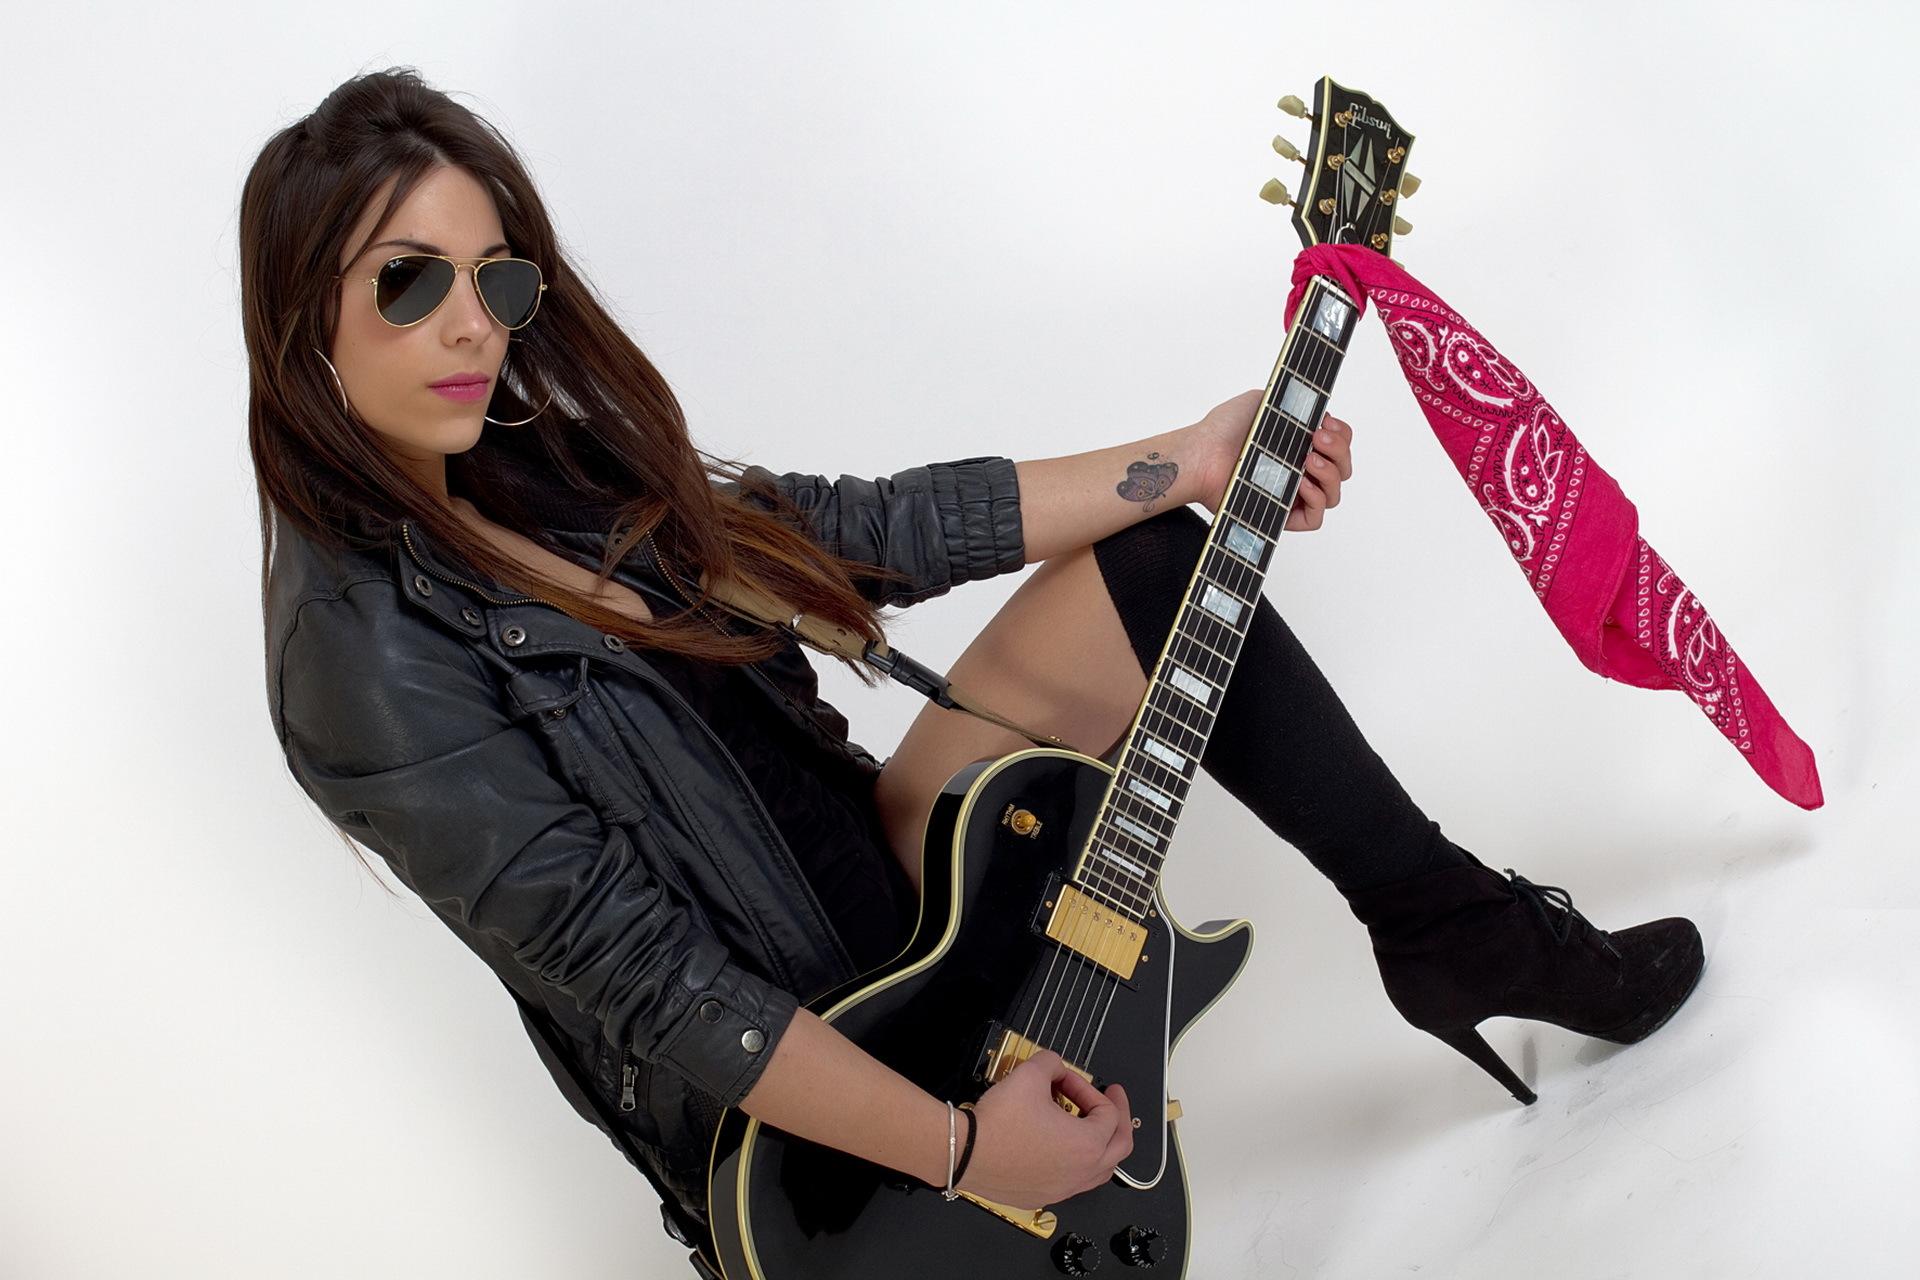 девушки-гитаристки в юбках - 12